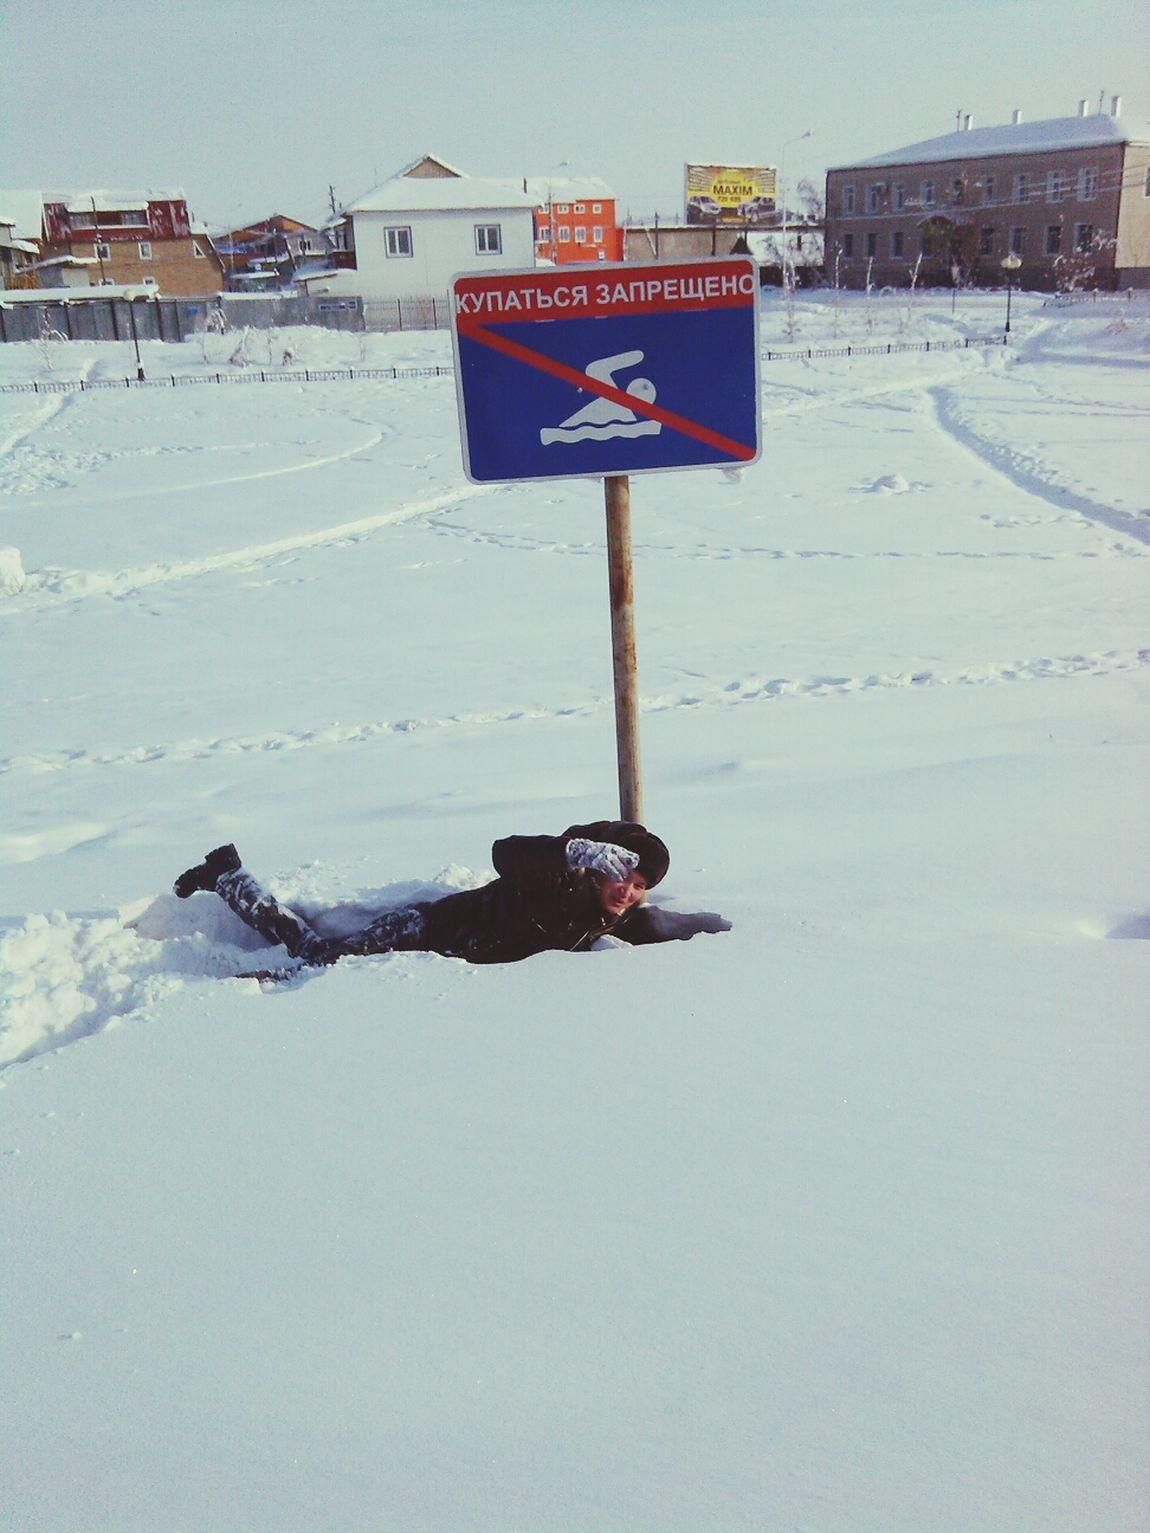 криминал нарушение закона айайай снег